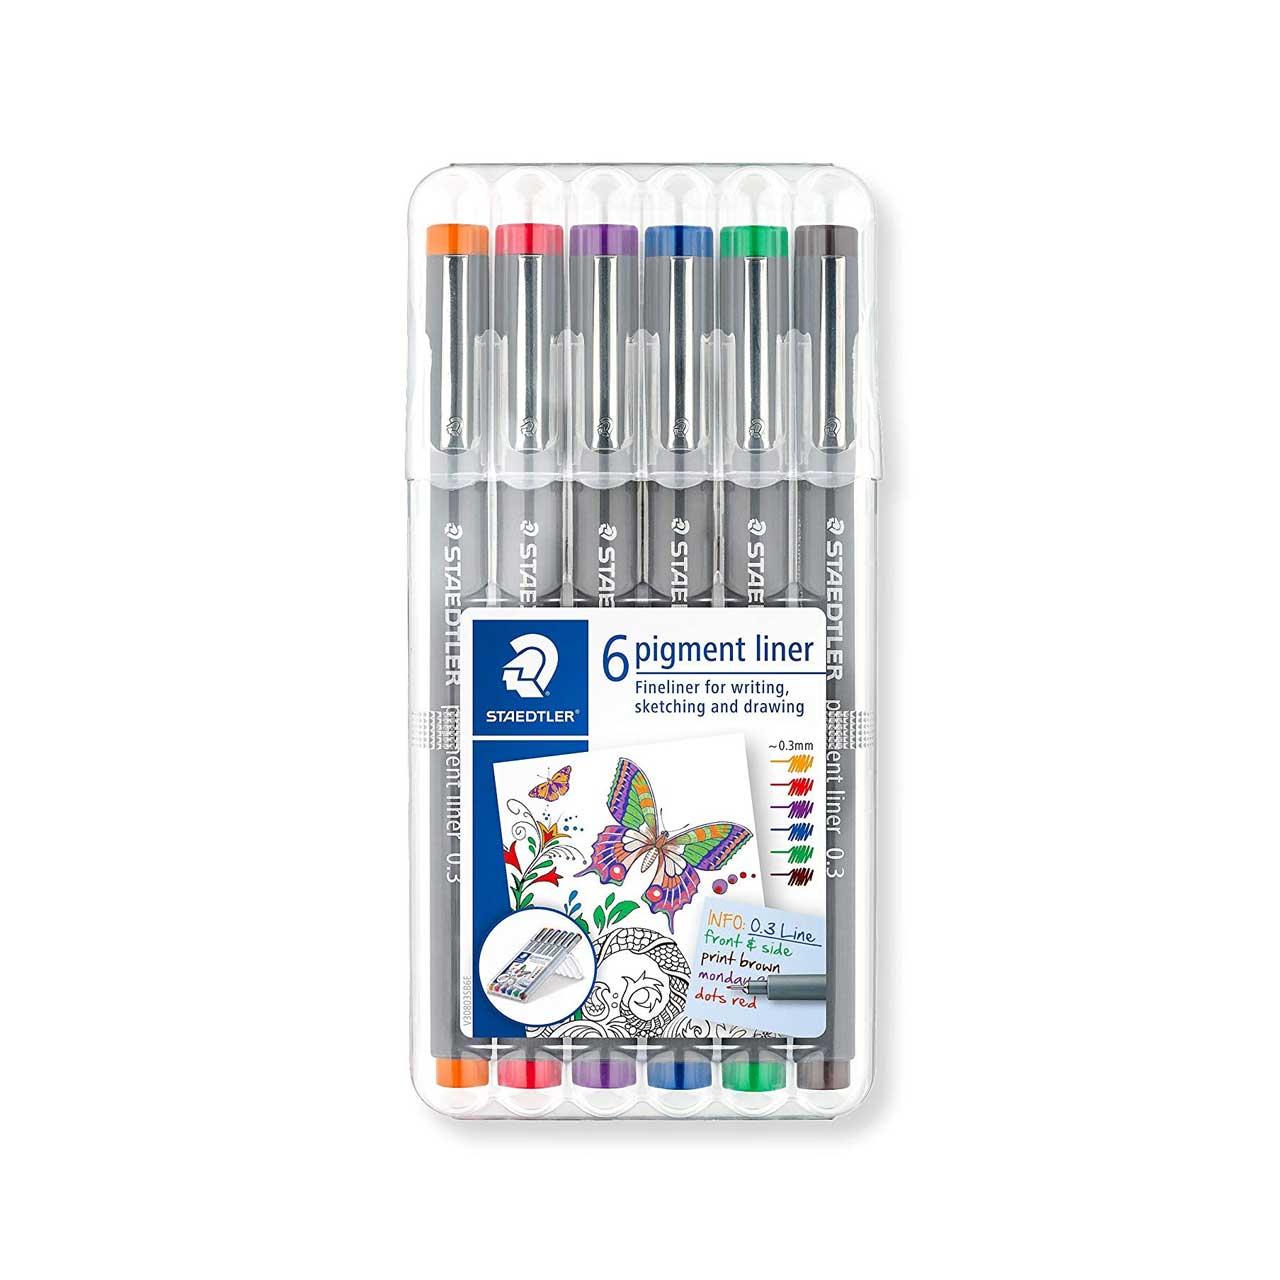 راپید استدلر مدل Pigment Liner کدSSB6-30803 قطر نوشتاری 0.3 میلی متر بسته 6 عددی